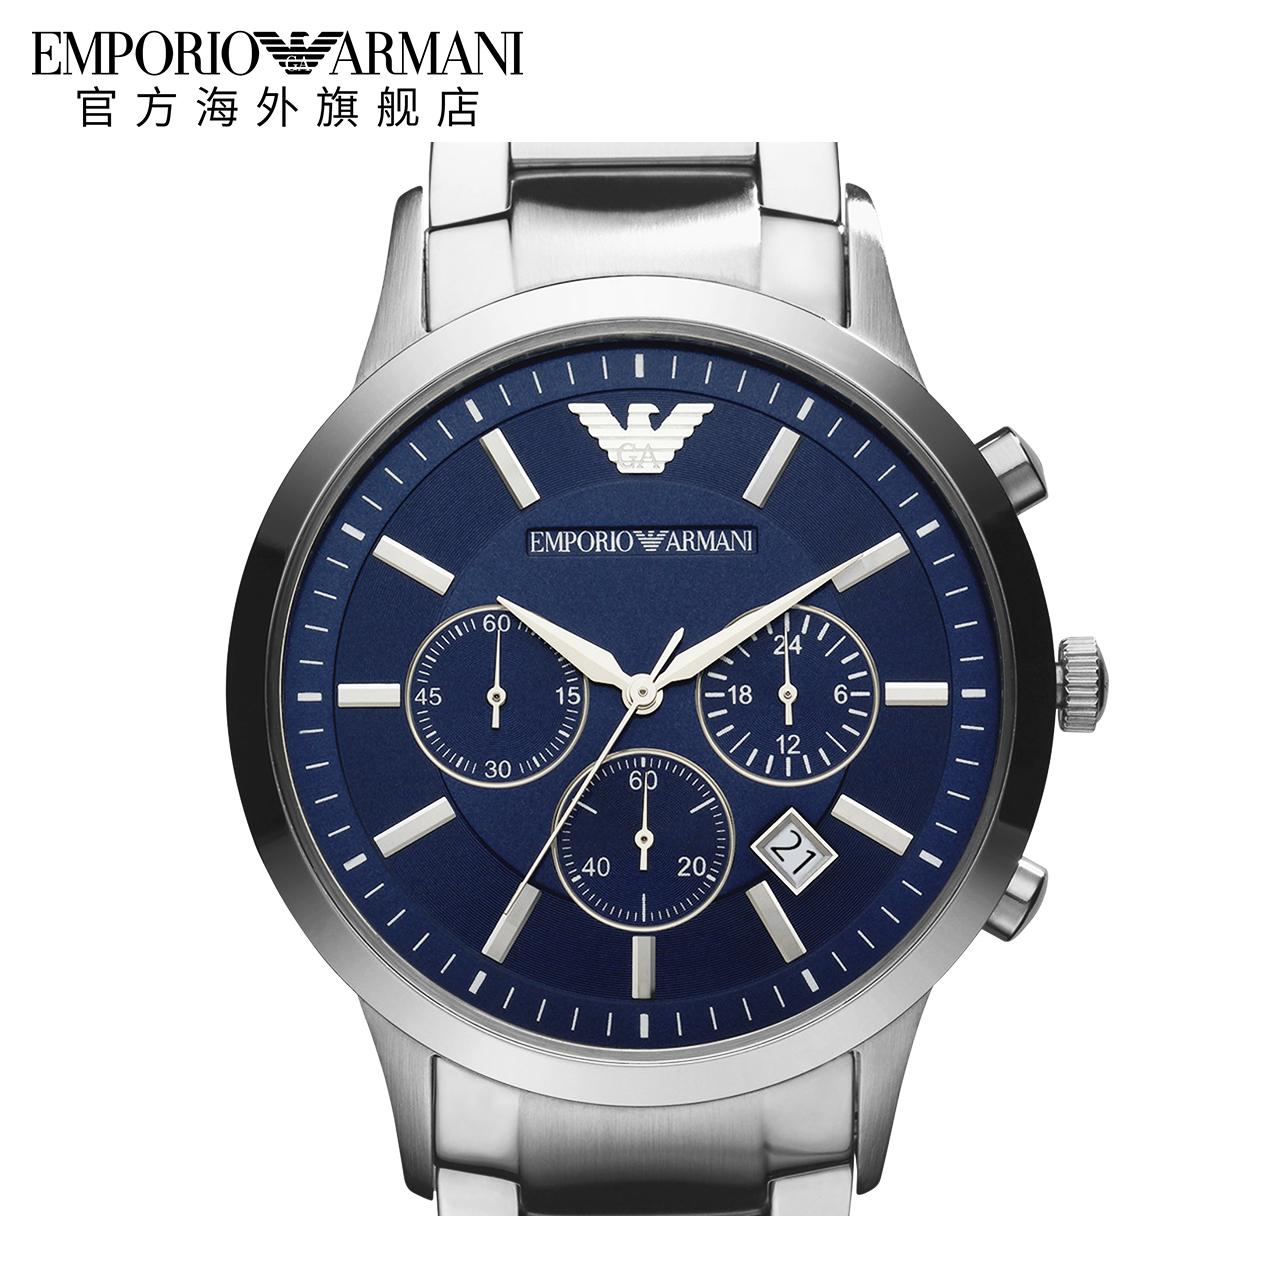 【官方】Armani阿玛尼潮流不锈钢带男表蓝色表盘三眼石英表AR2448